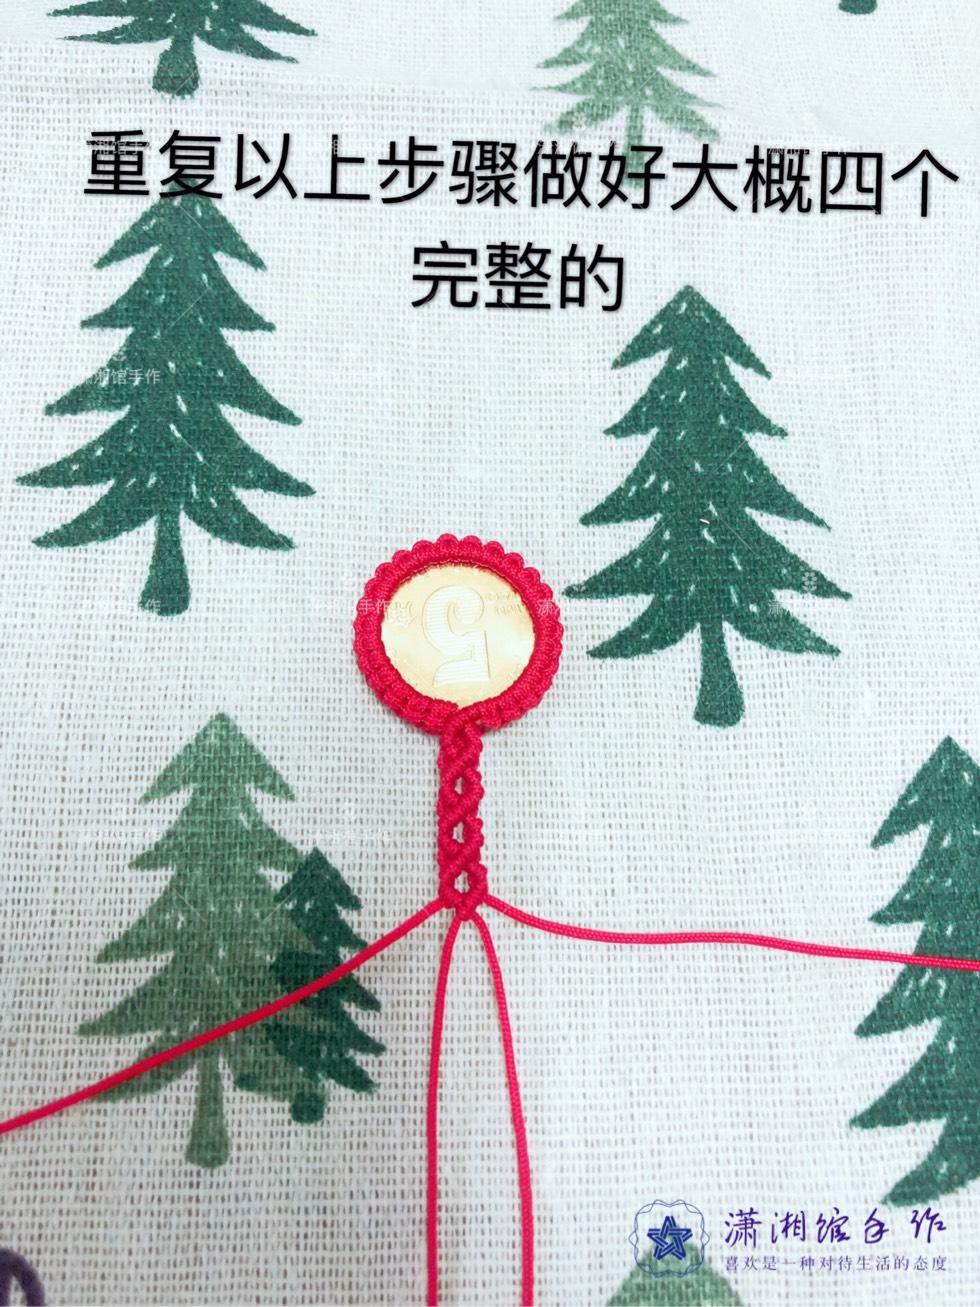 中国结论坛 硬币挂件天使翅膀钥匙扣教程  图文教程区 170120py6muy69uhuduhu6